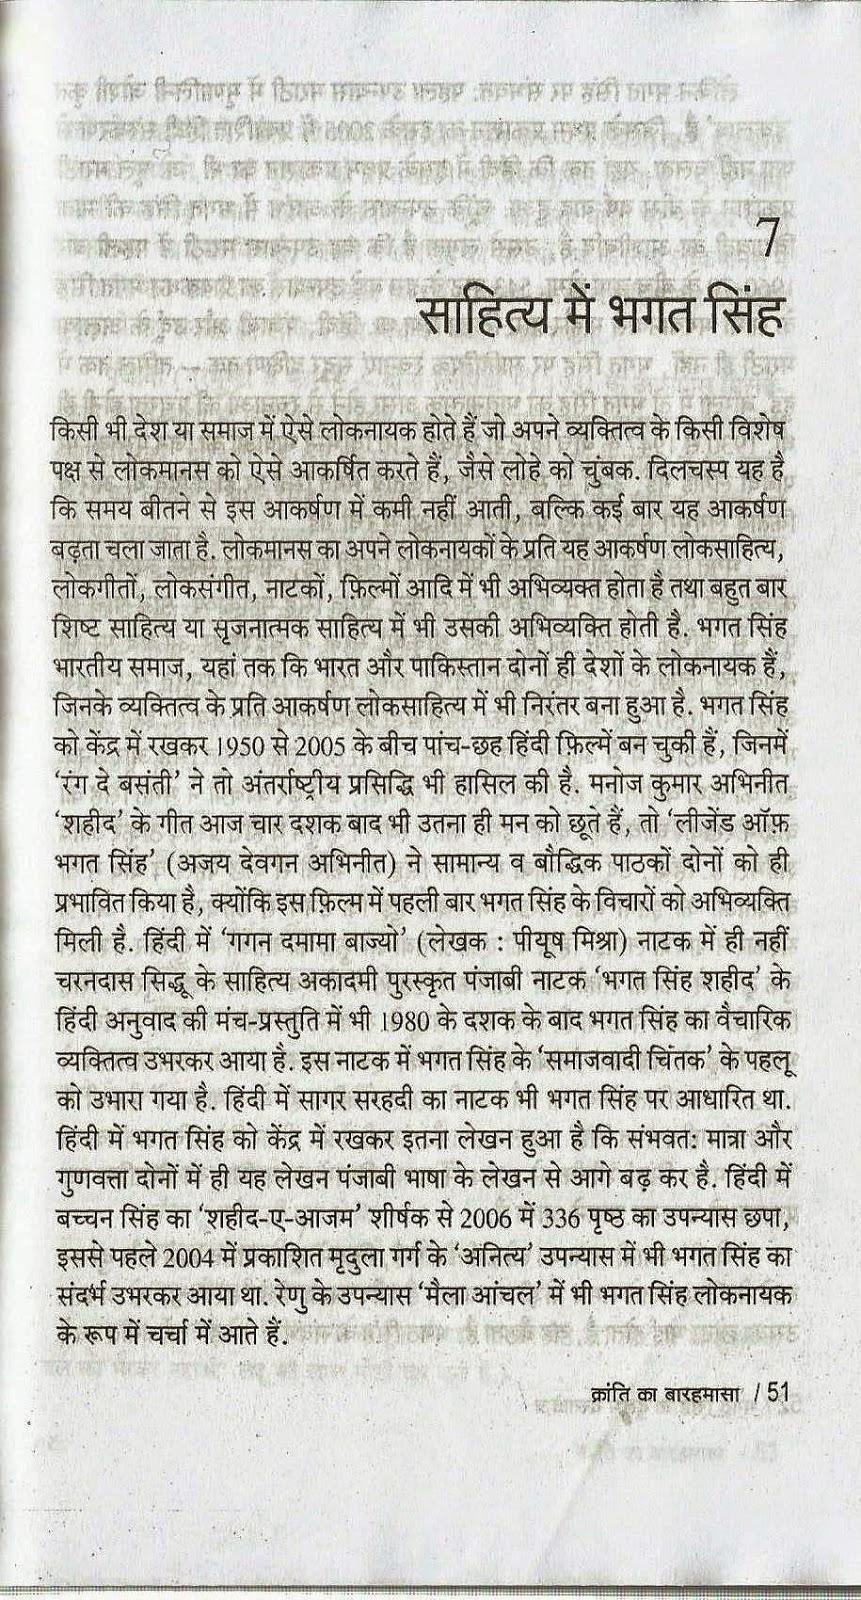 bhagat singh study chaman lal bhagat singh in n literature bhagat singh in n literature ghori by mela ram tayar 1932